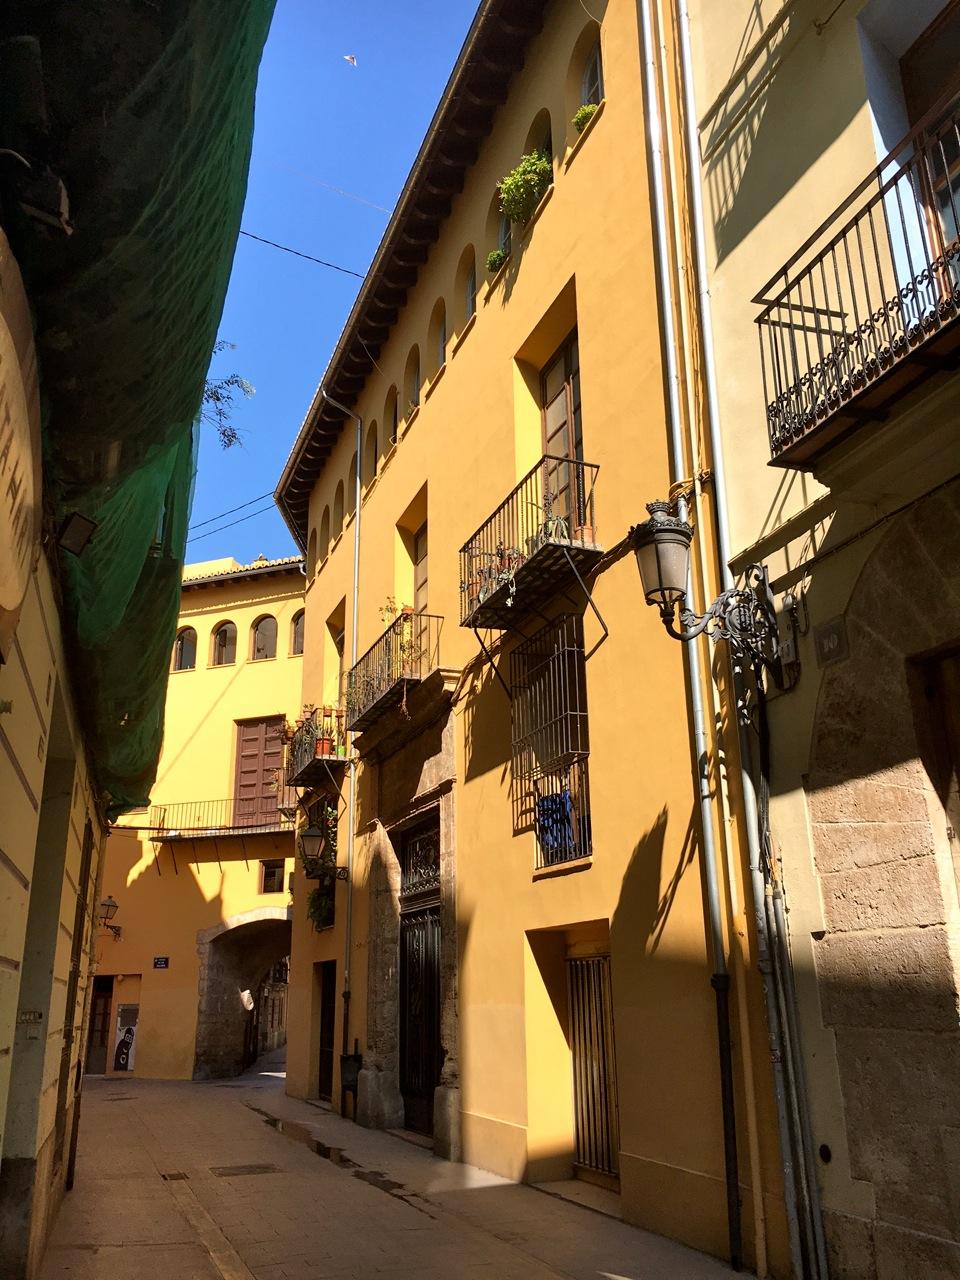 Het autovrije straatje in de middeleeuwse wijk